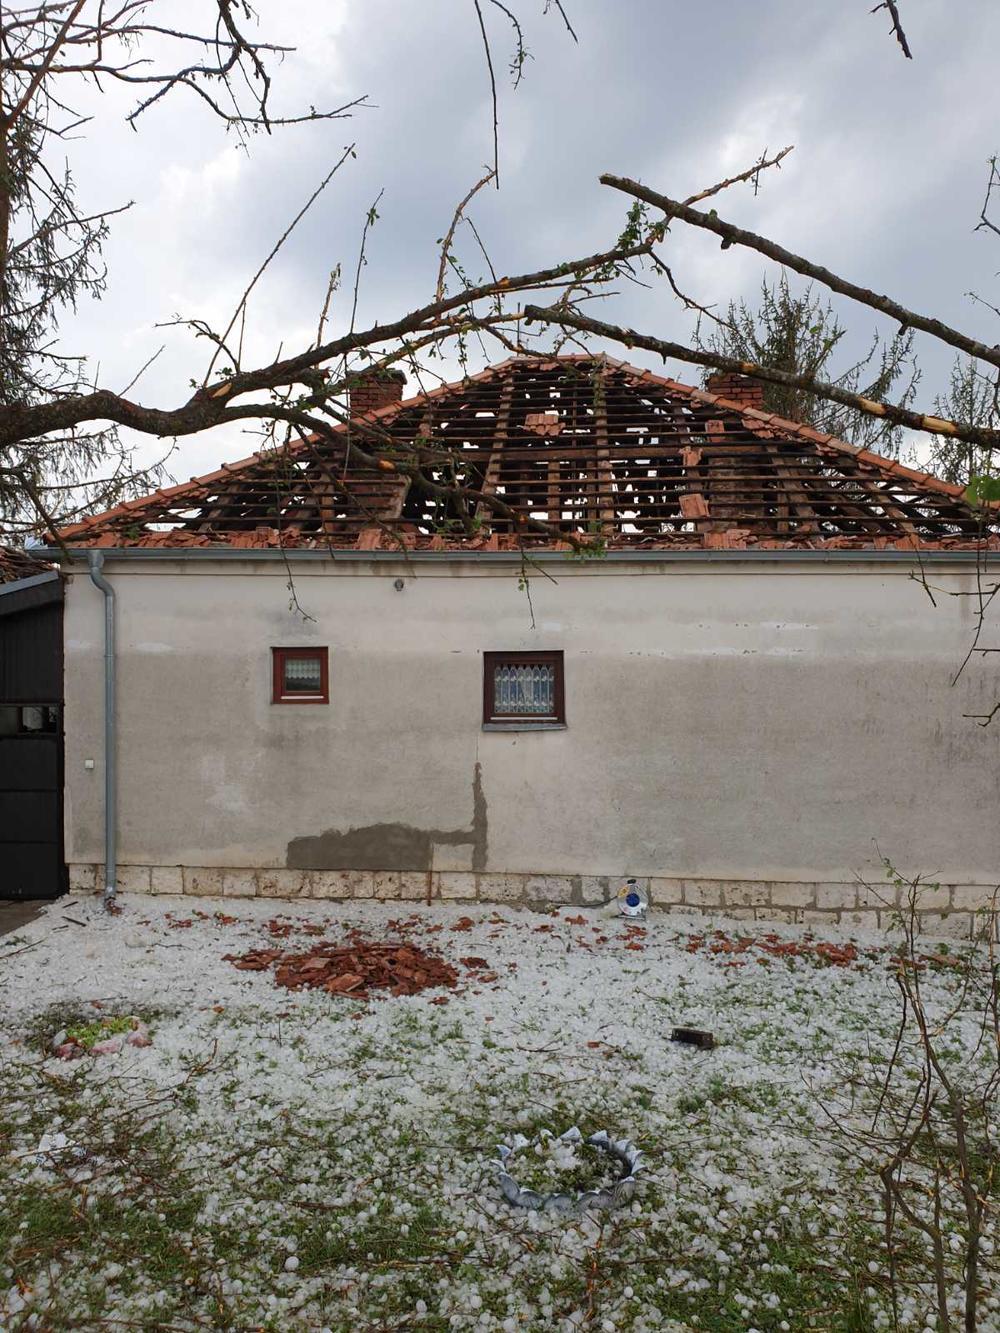 <p>SJENICA. - Grad koji se danas oko 15 sati sručio na sjeničku opštinu pričinio je veliku štetu seoskim domaćinstvima a najgore je prošlo domaćinstvo Vujadina Rakonjca u selu Bogačiće, Mesna zajednica Vapa.</p>